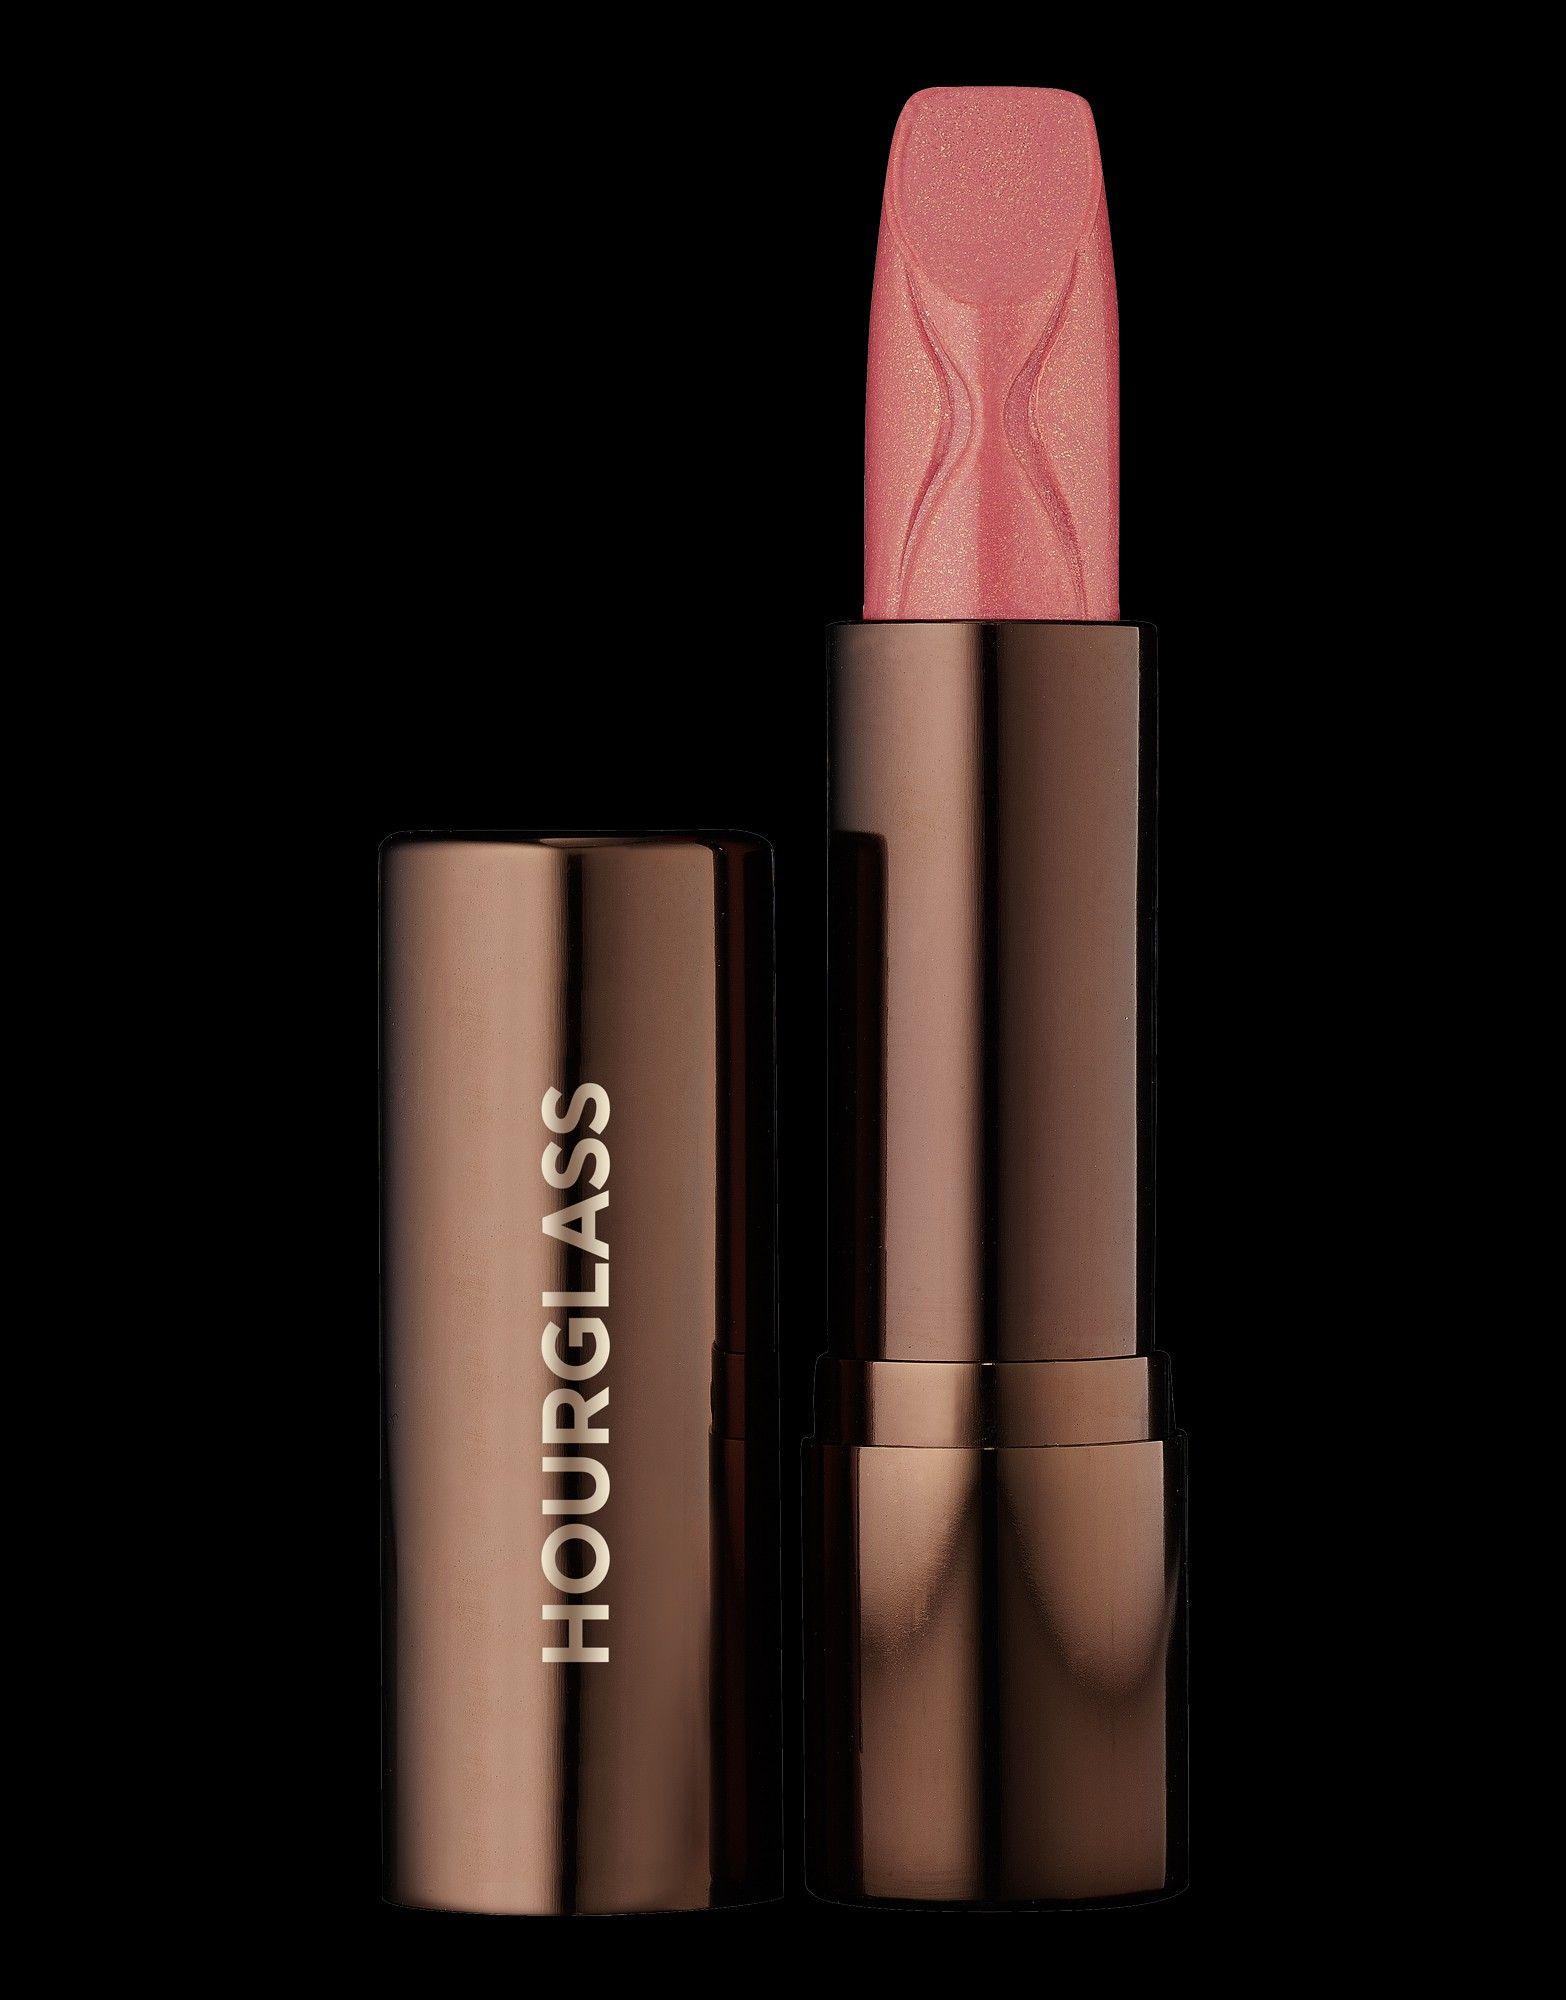 Hourglass Cosmetics Velvet Crème Lipstick Free